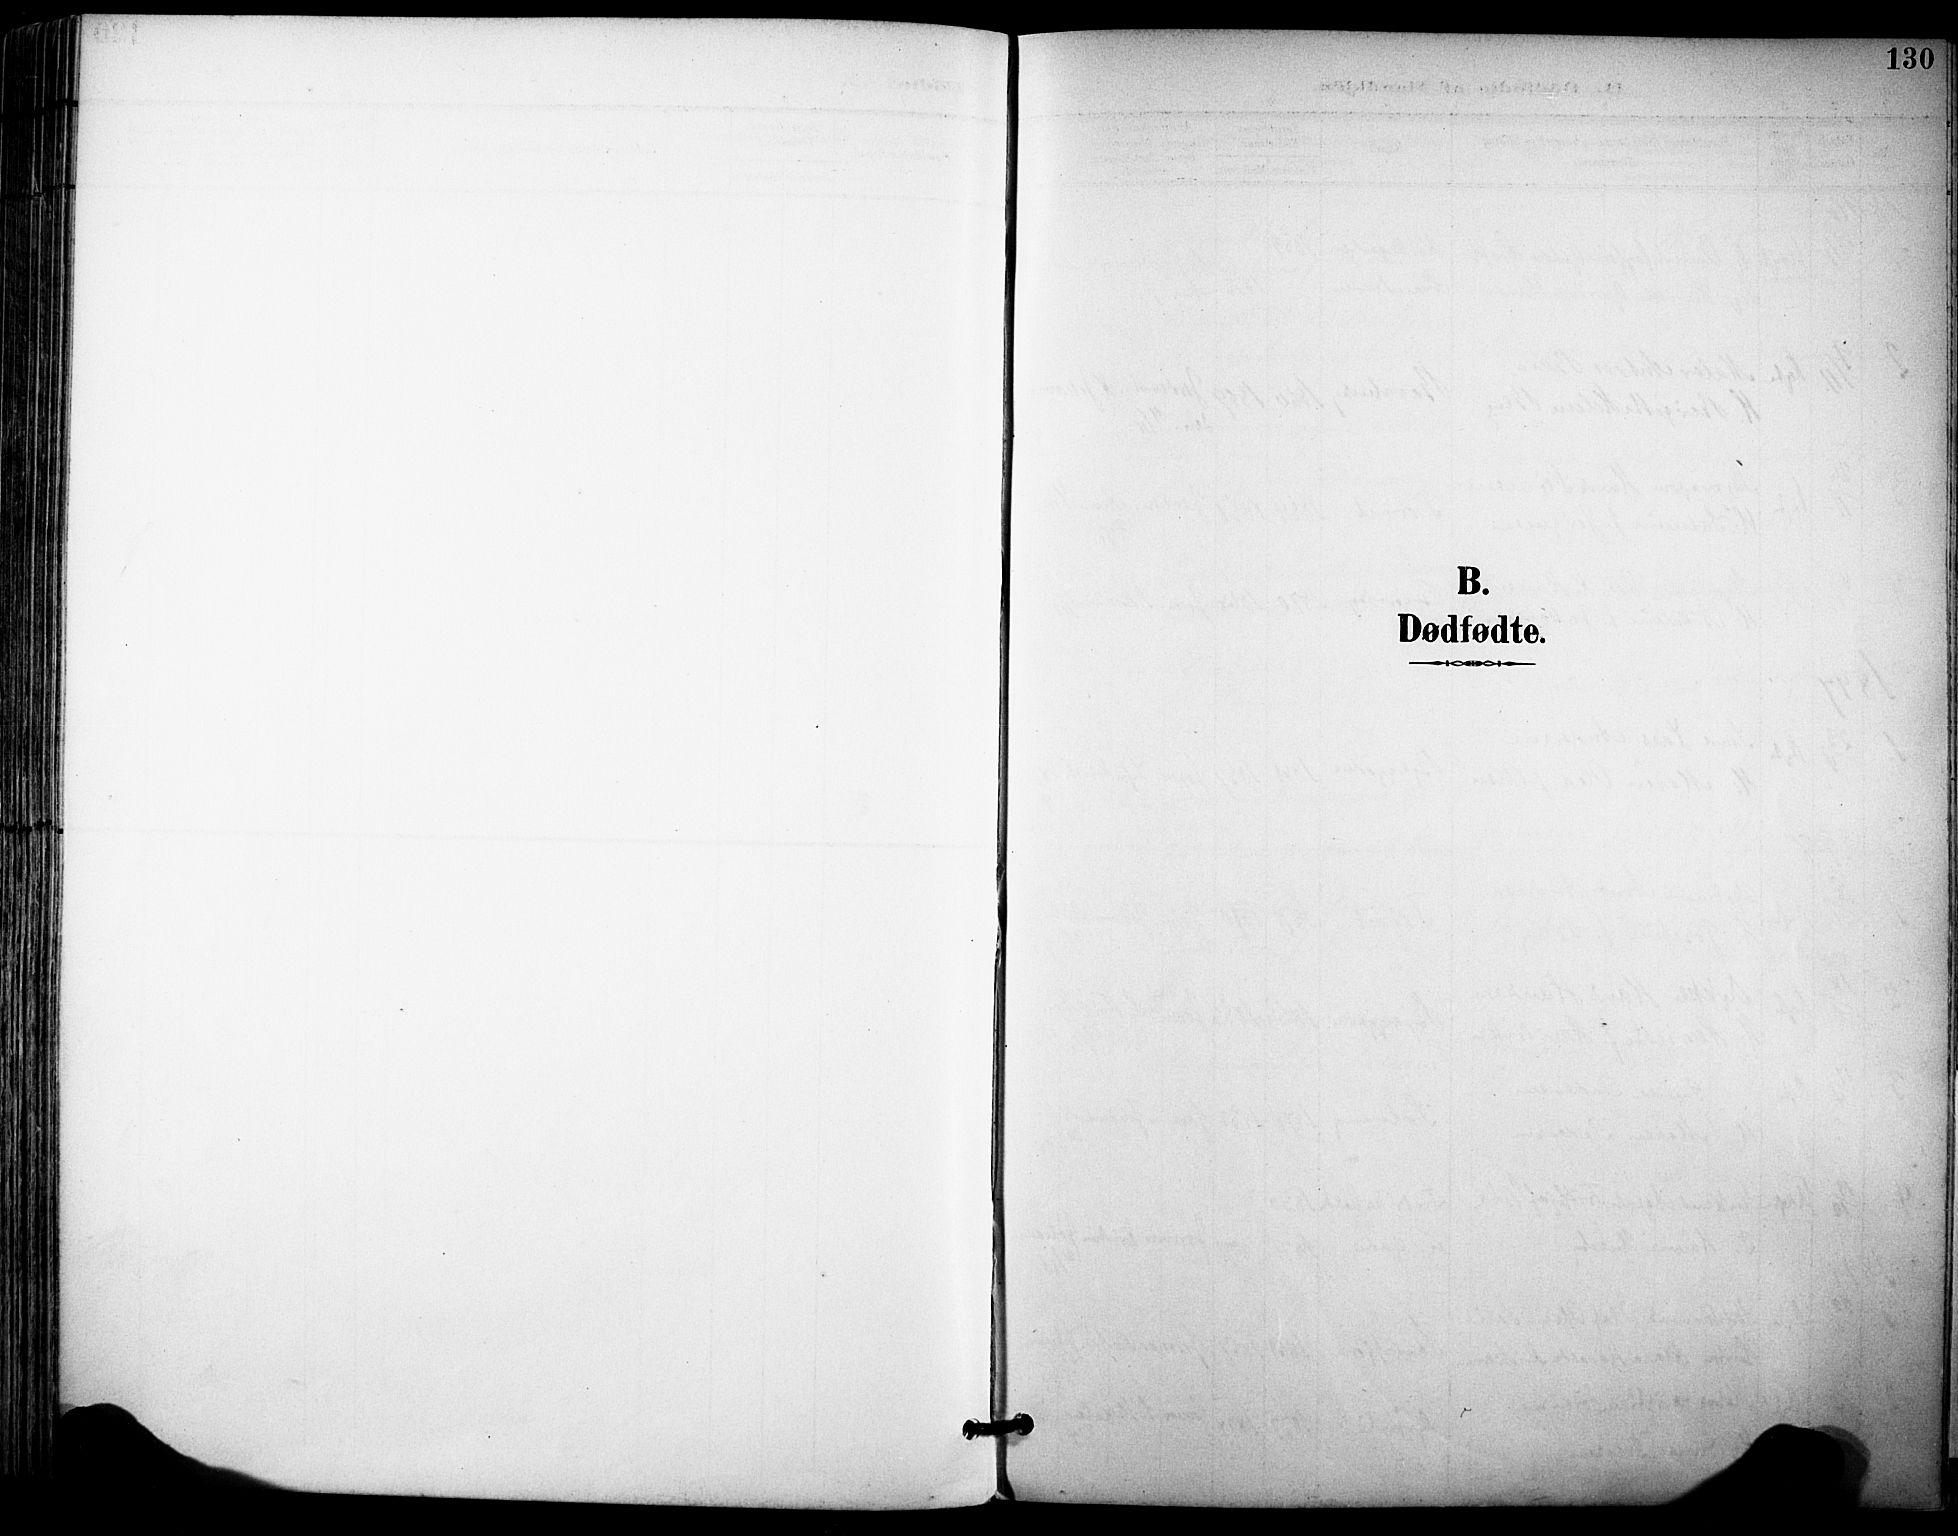 SAKO, Sandefjord kirkebøker, F/Fa/L0004: Ministerialbok nr. 4, 1894-1905, s. 130